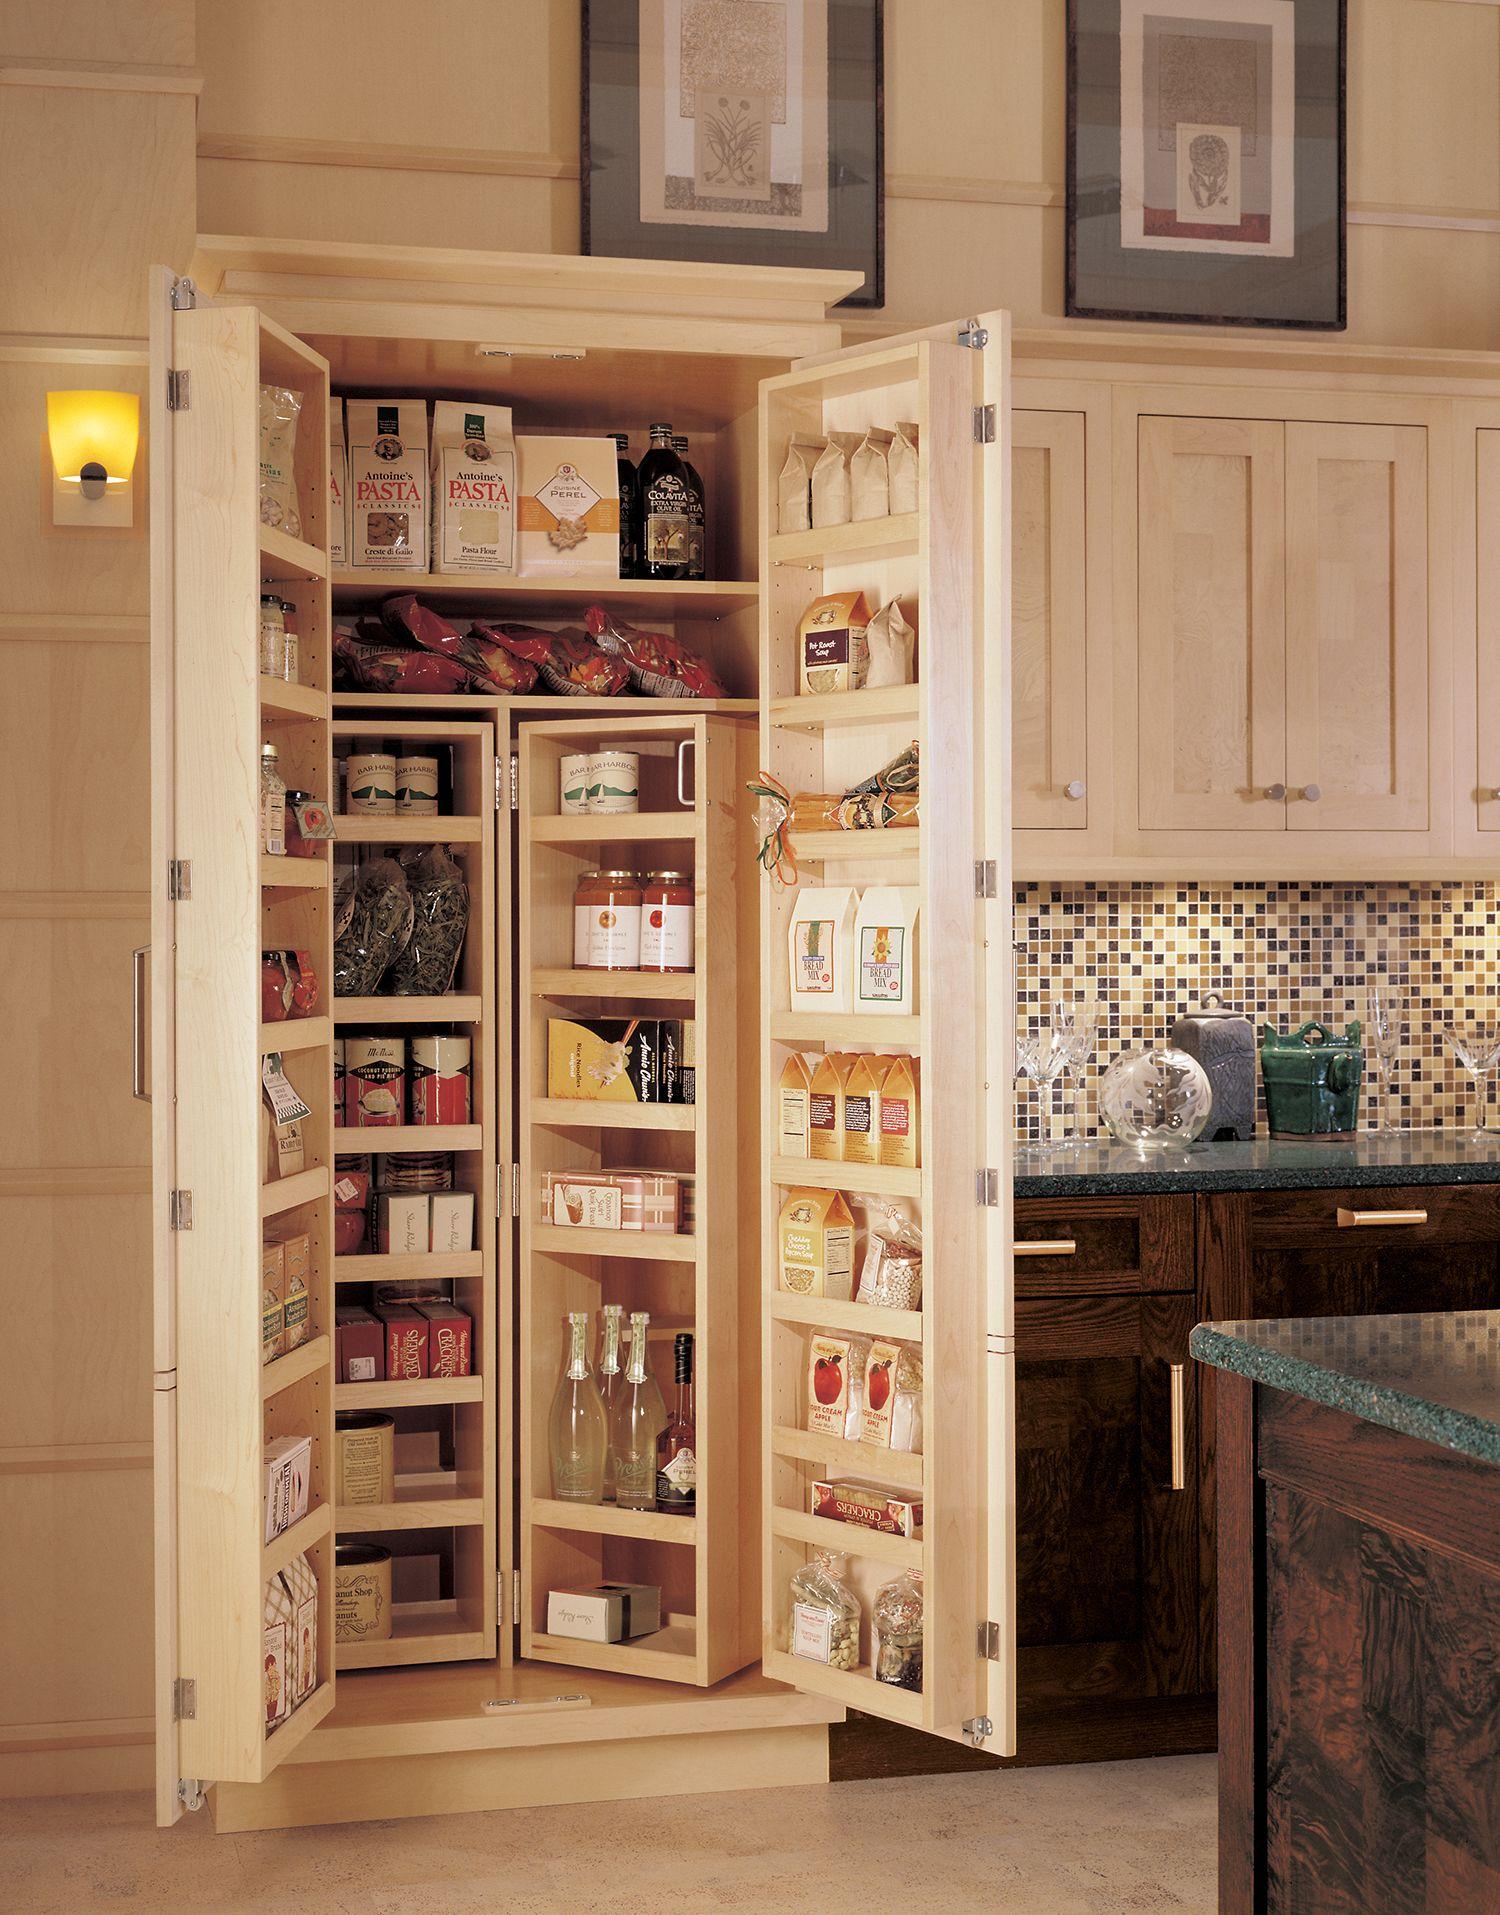 Chef S Pantry Kitchen Furniture Storage Kitchen Remodel Layout Diy Kitchen Remodel